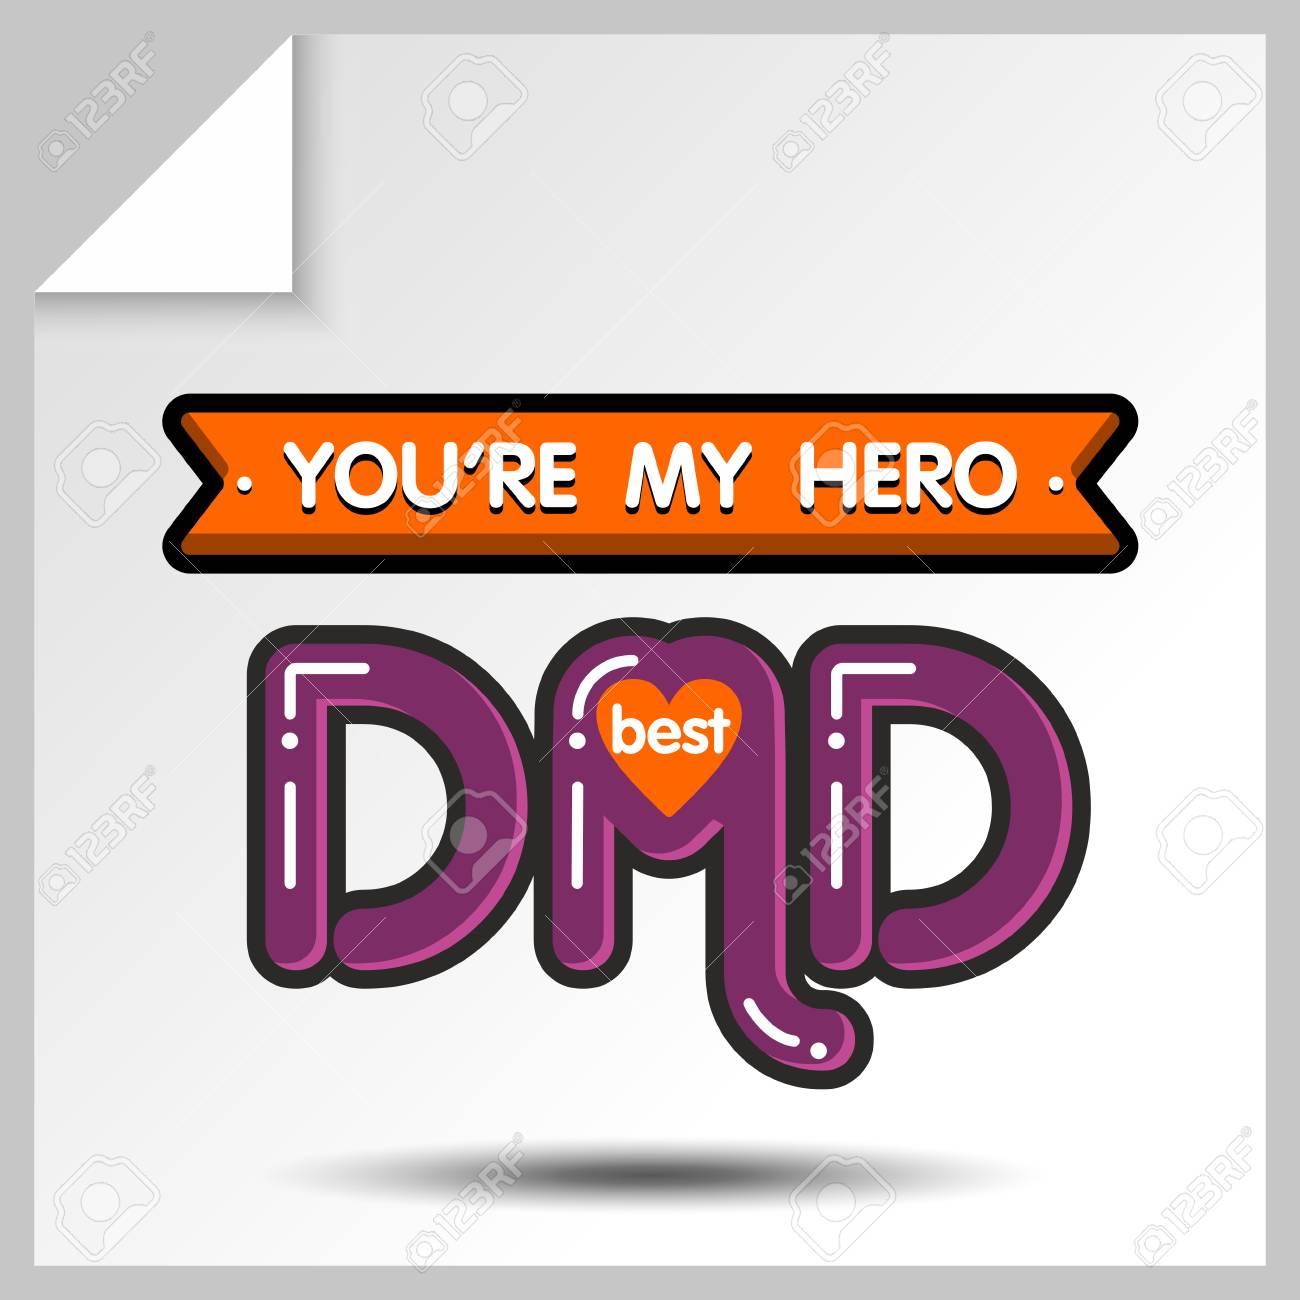 Adesivo Com Frase Melhor Pai Você é Meu Herói ícones Do Feriado Para O Dia De Pai Ou Para O Aniversário Ilustração Colorida Lisa Isolada Vetor